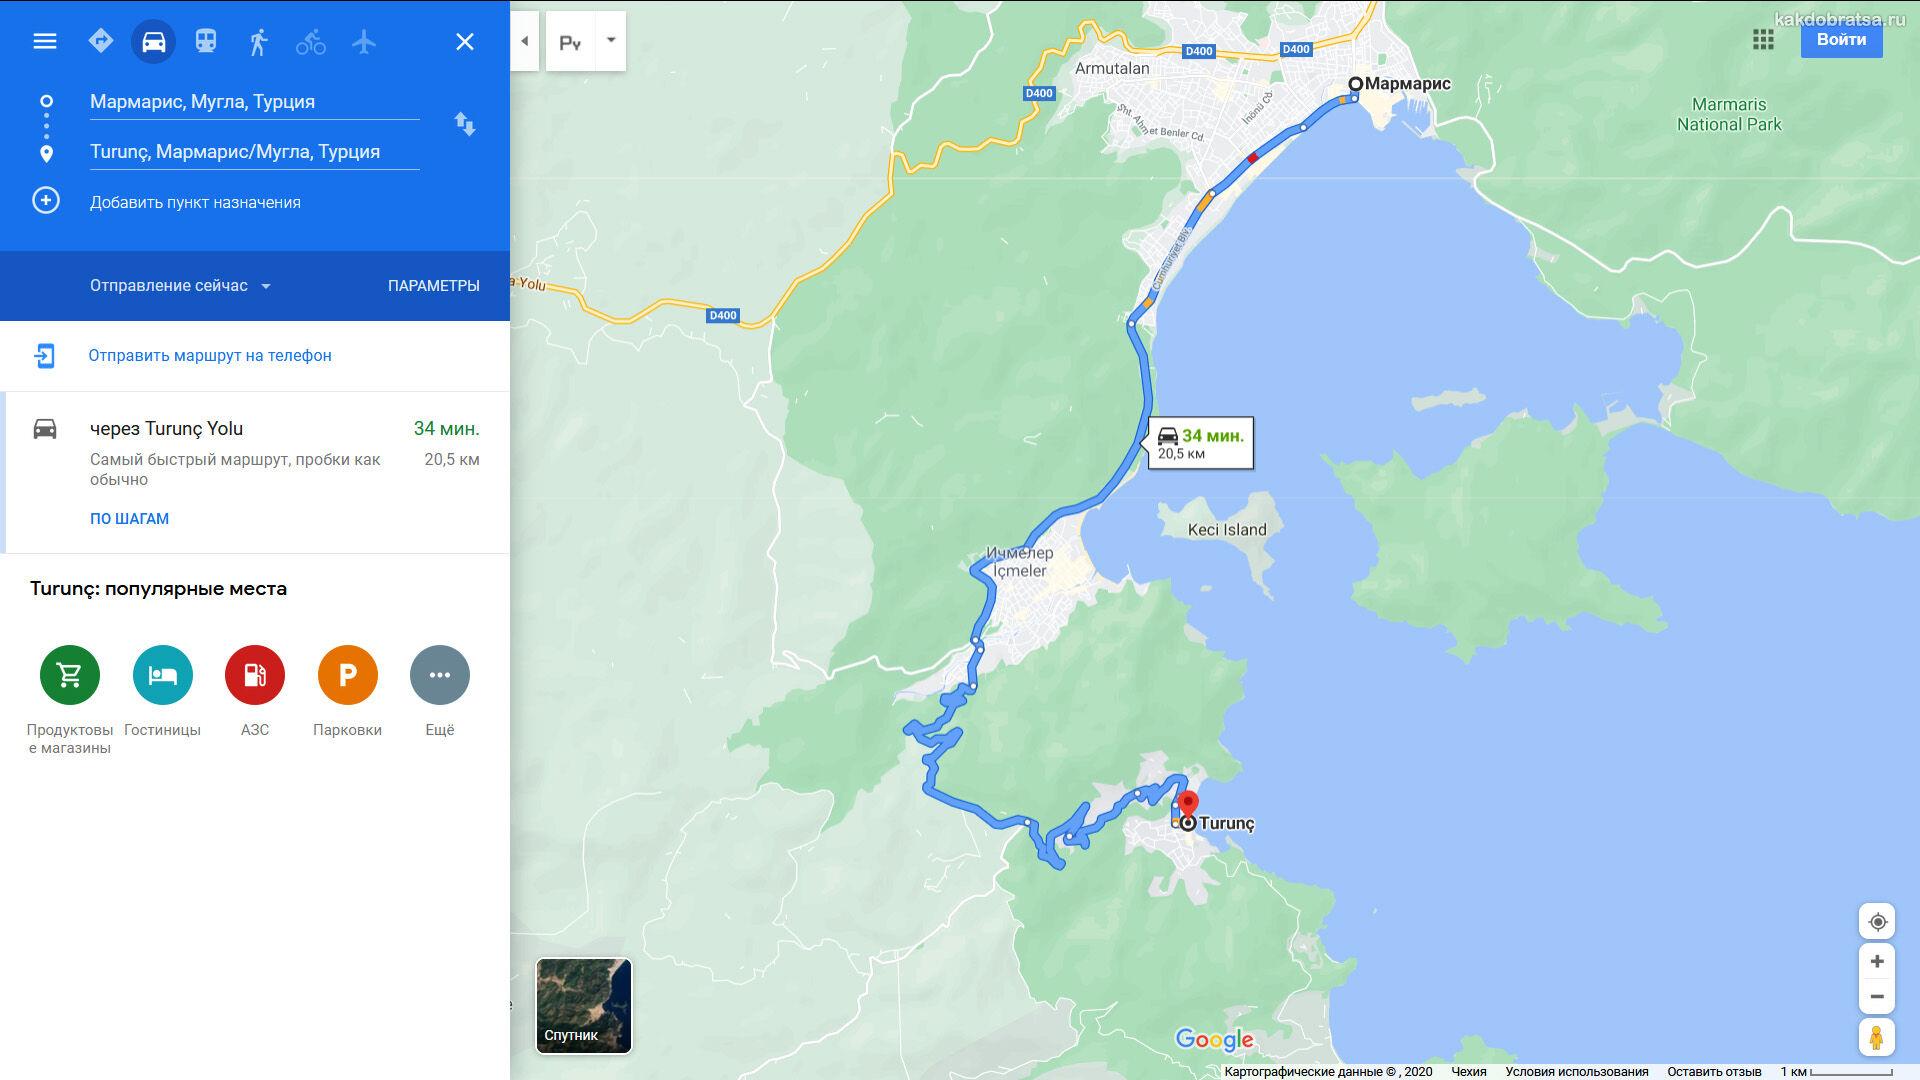 Мармарис Турунч карта и маршрут на автомобиле